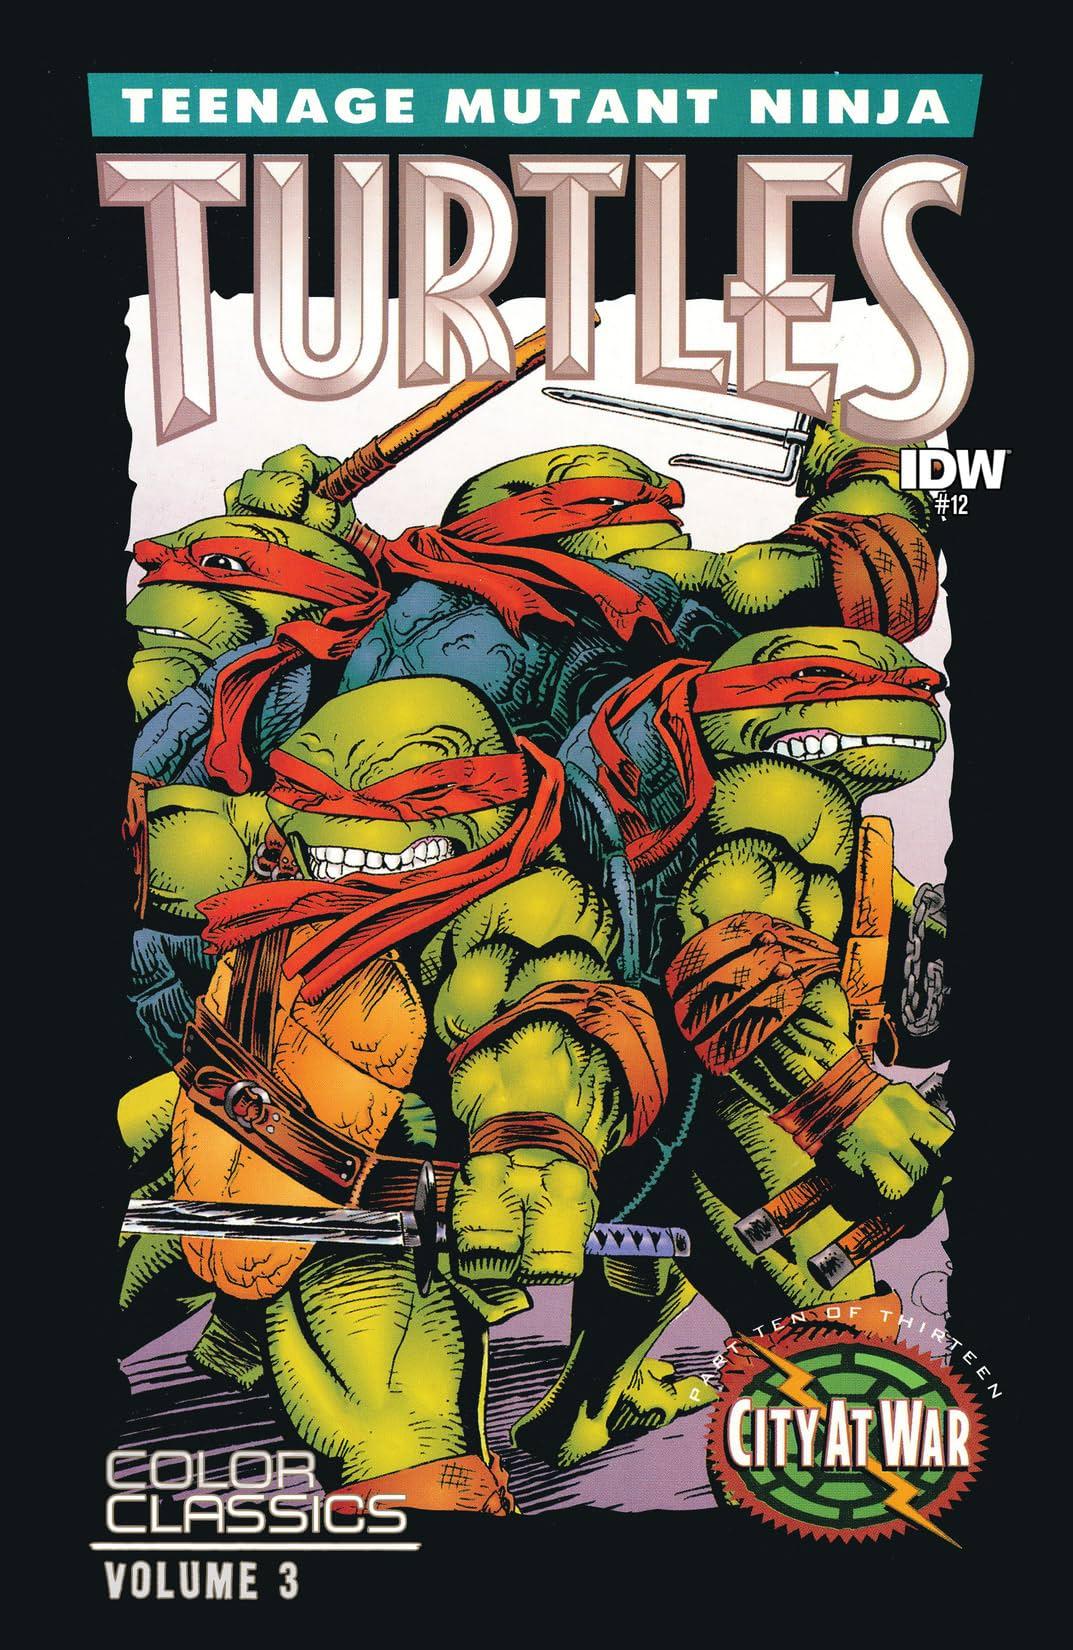 Teenage Mutant Ninja Turtles: Color Classics Vol. 3 #12